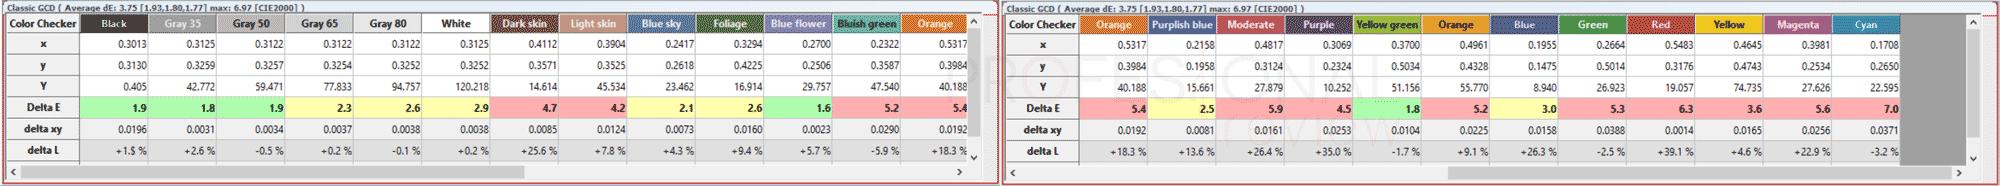 Gigabyte AERO 17 HDR XA sRGB